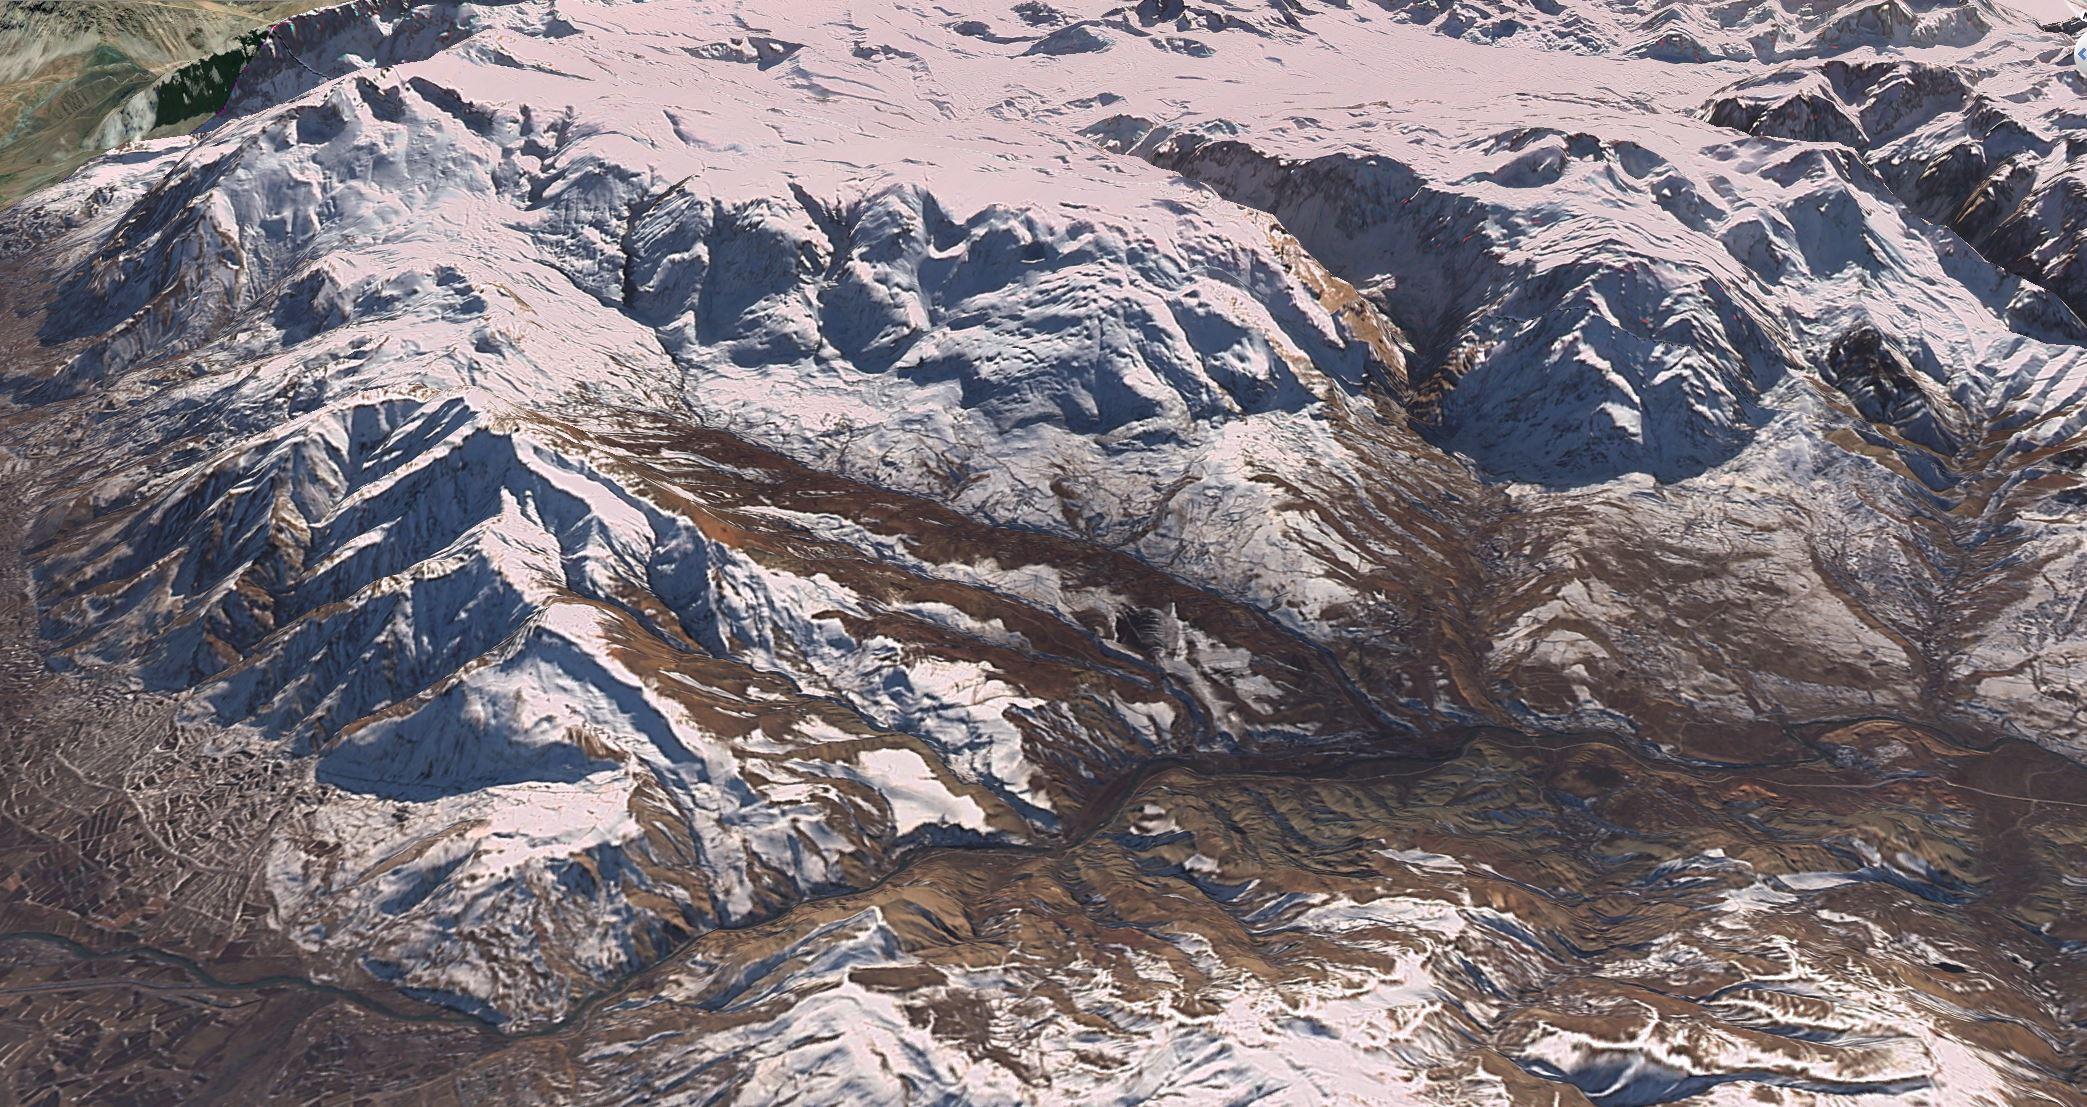 Munzur Dağları-Erzincan 10 Aralık 2015